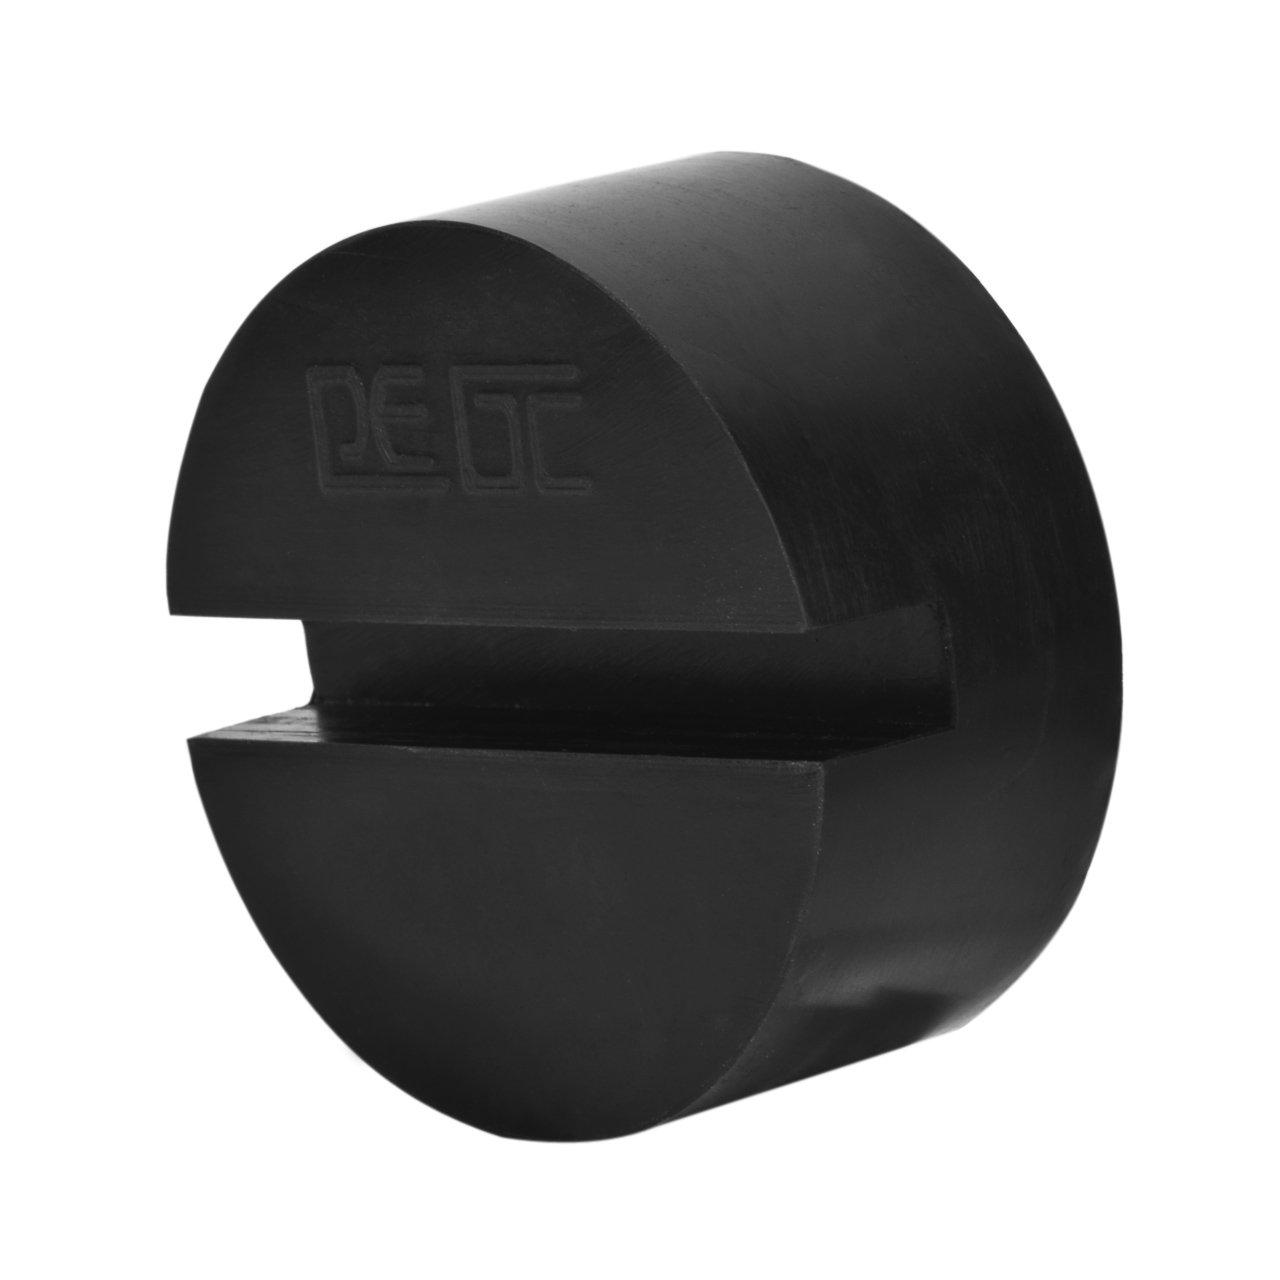 DEDC 4Pcs Bloc de Caoutchouc pour Cric Tampon Cric Hydraulique 75x35mm Solide R/ésistant Prot/éger Le Bas de Caisse Lors du Levage de la Voiture Noir